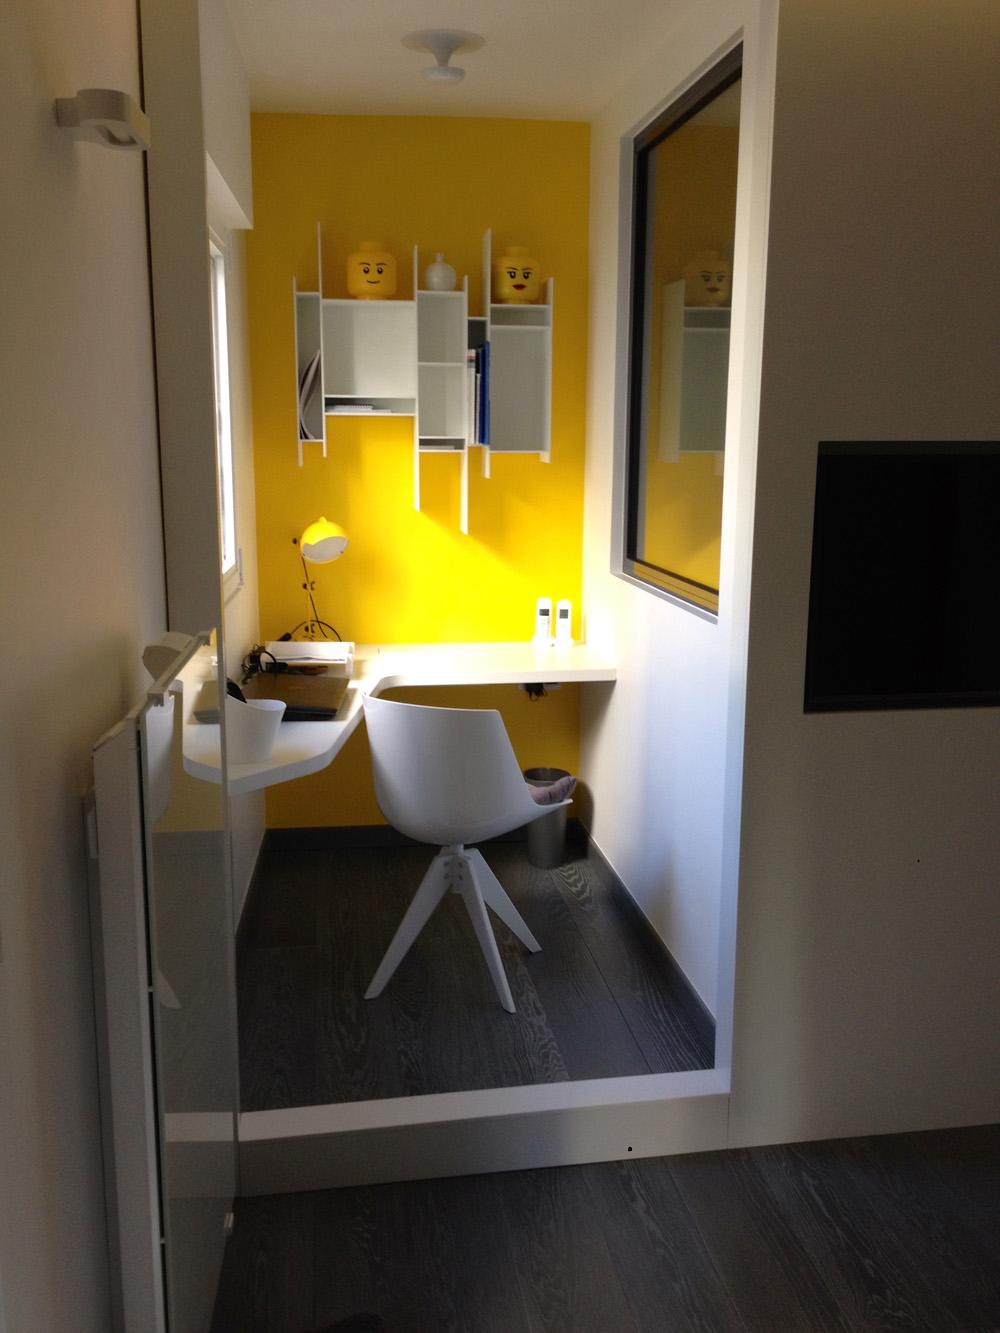 echelle salle de bain blanche amnagement complet dune chambre en laque satine blanche - Echelle Salle De Bain Blanche